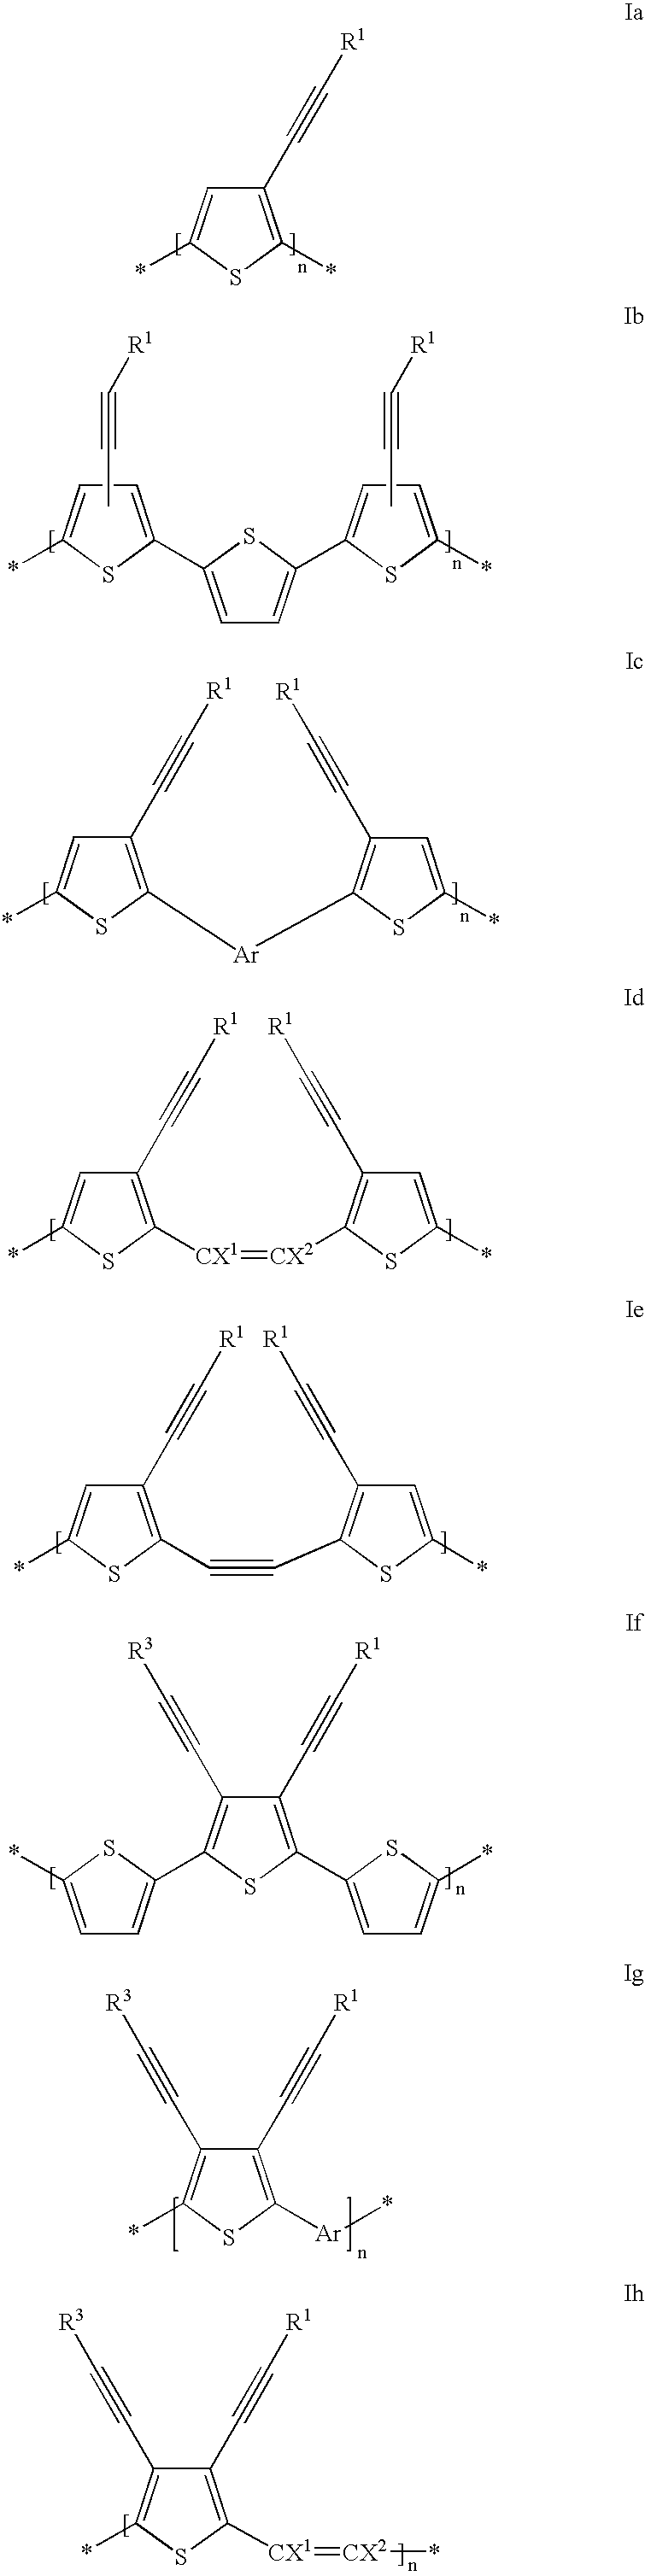 Figure US20040127592A1-20040701-C00003